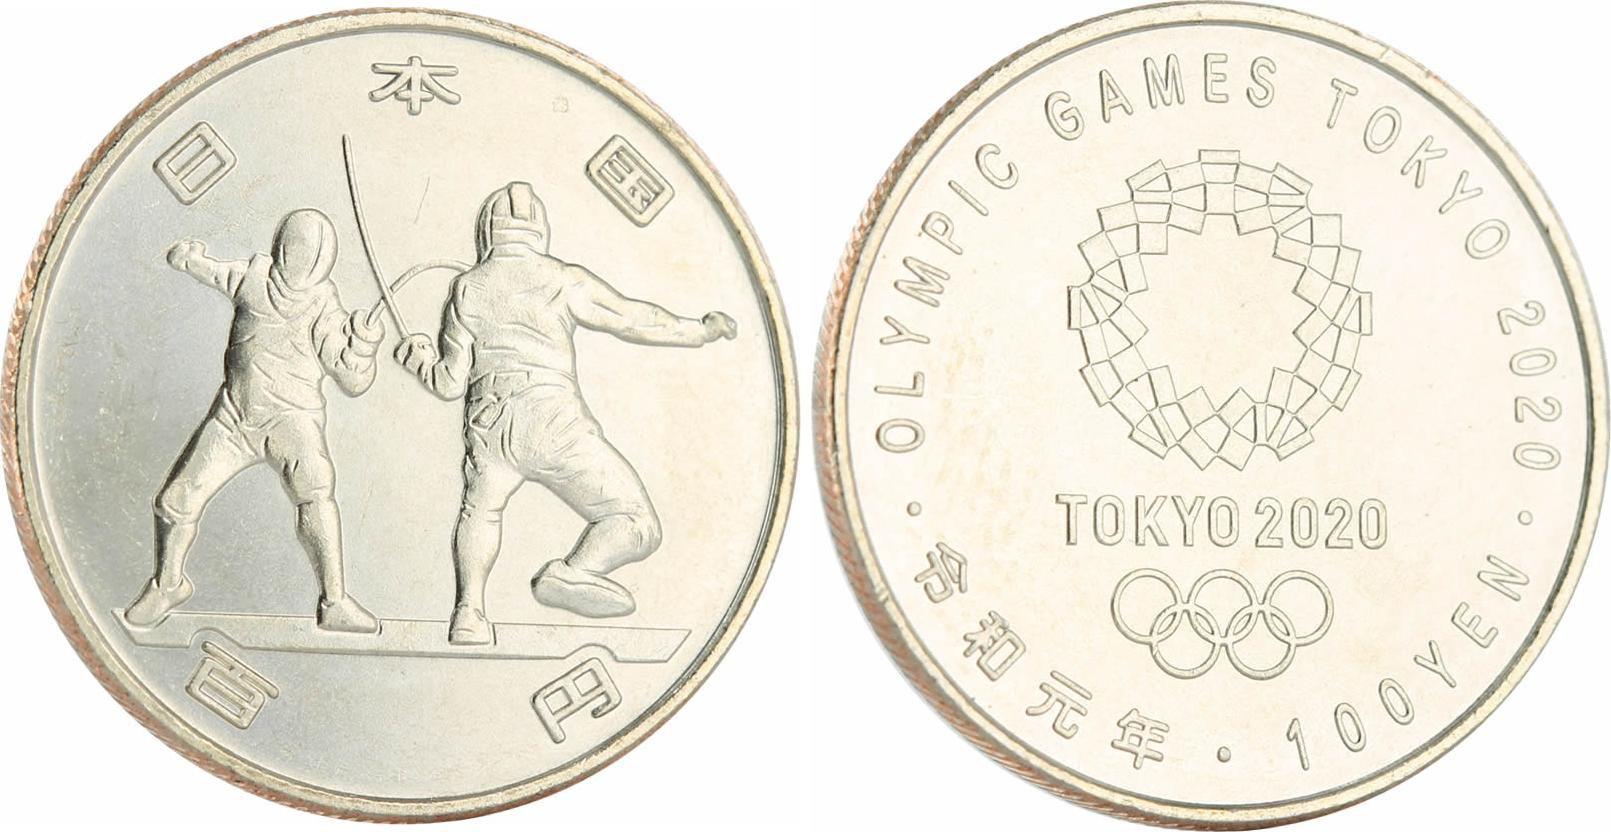 Japon 100 Yen, Escrime - JO TOKYO 2020 - SPL